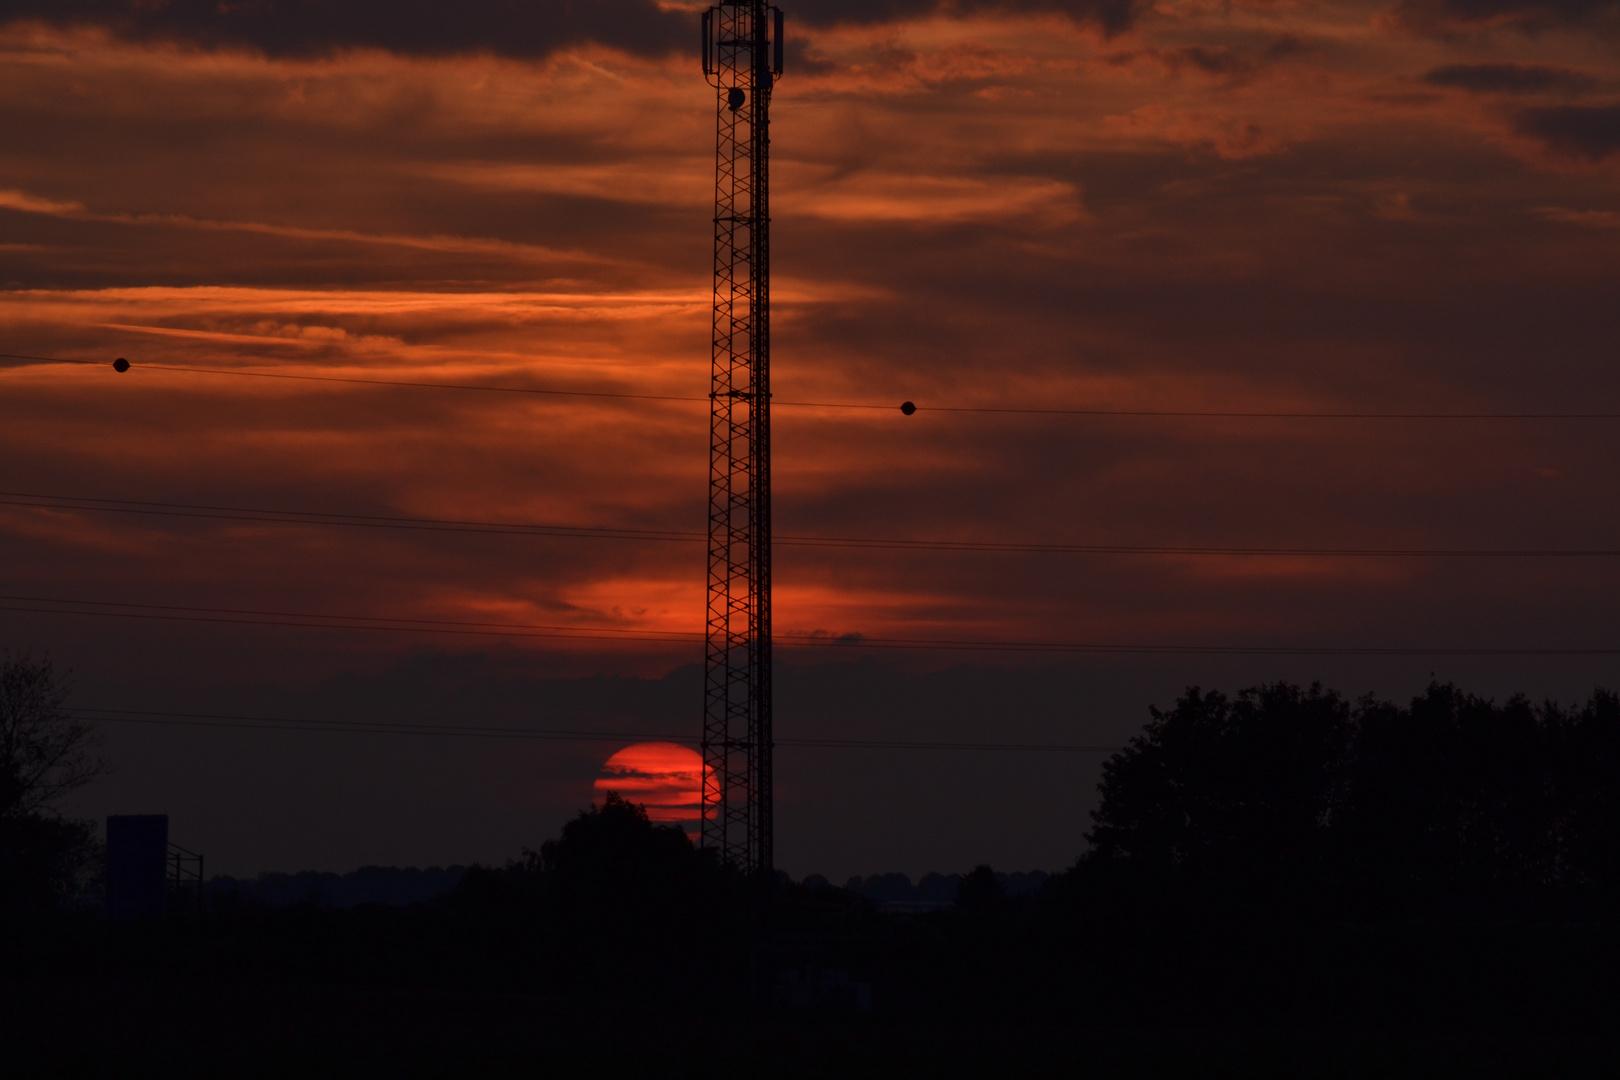 Sunset in NRW